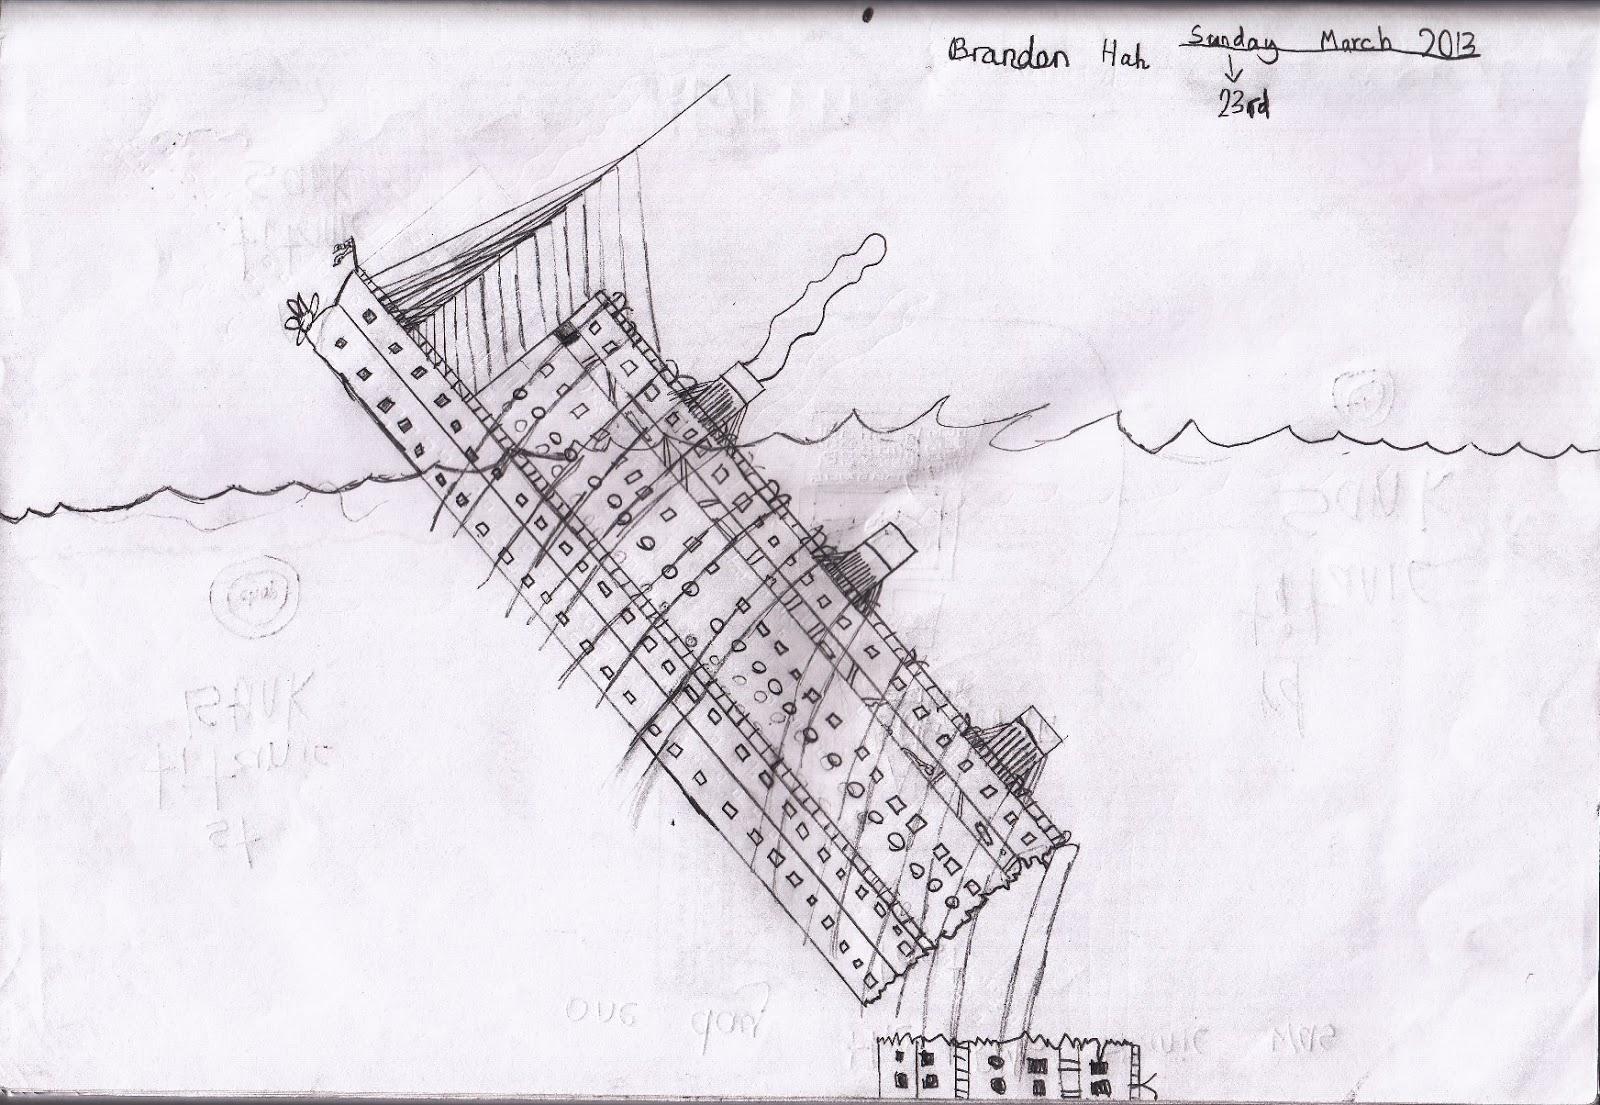 Honey4Boyz: RMS Titanic - 15 Apr 2013